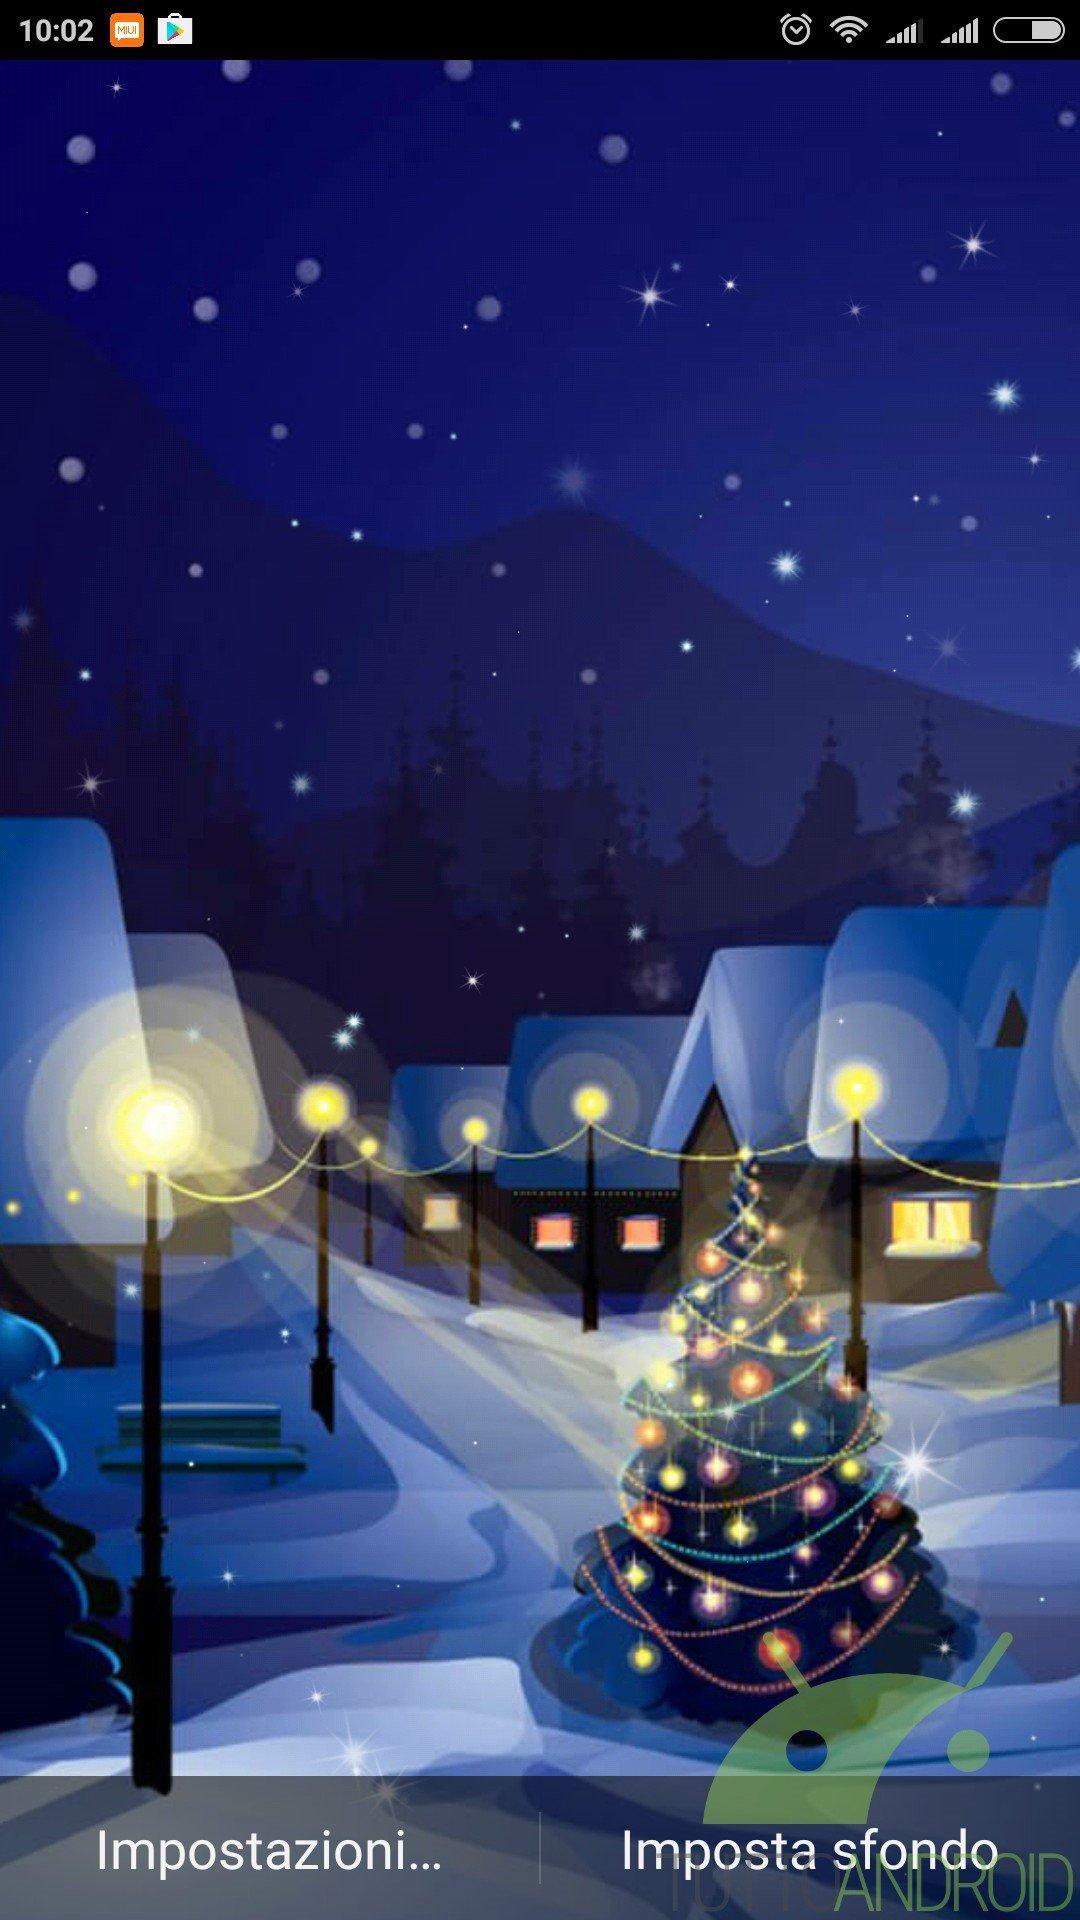 Animati Sfondi Natalizi.Notte Di Natale Sfondi Animati Offre Live Wallpaper Di